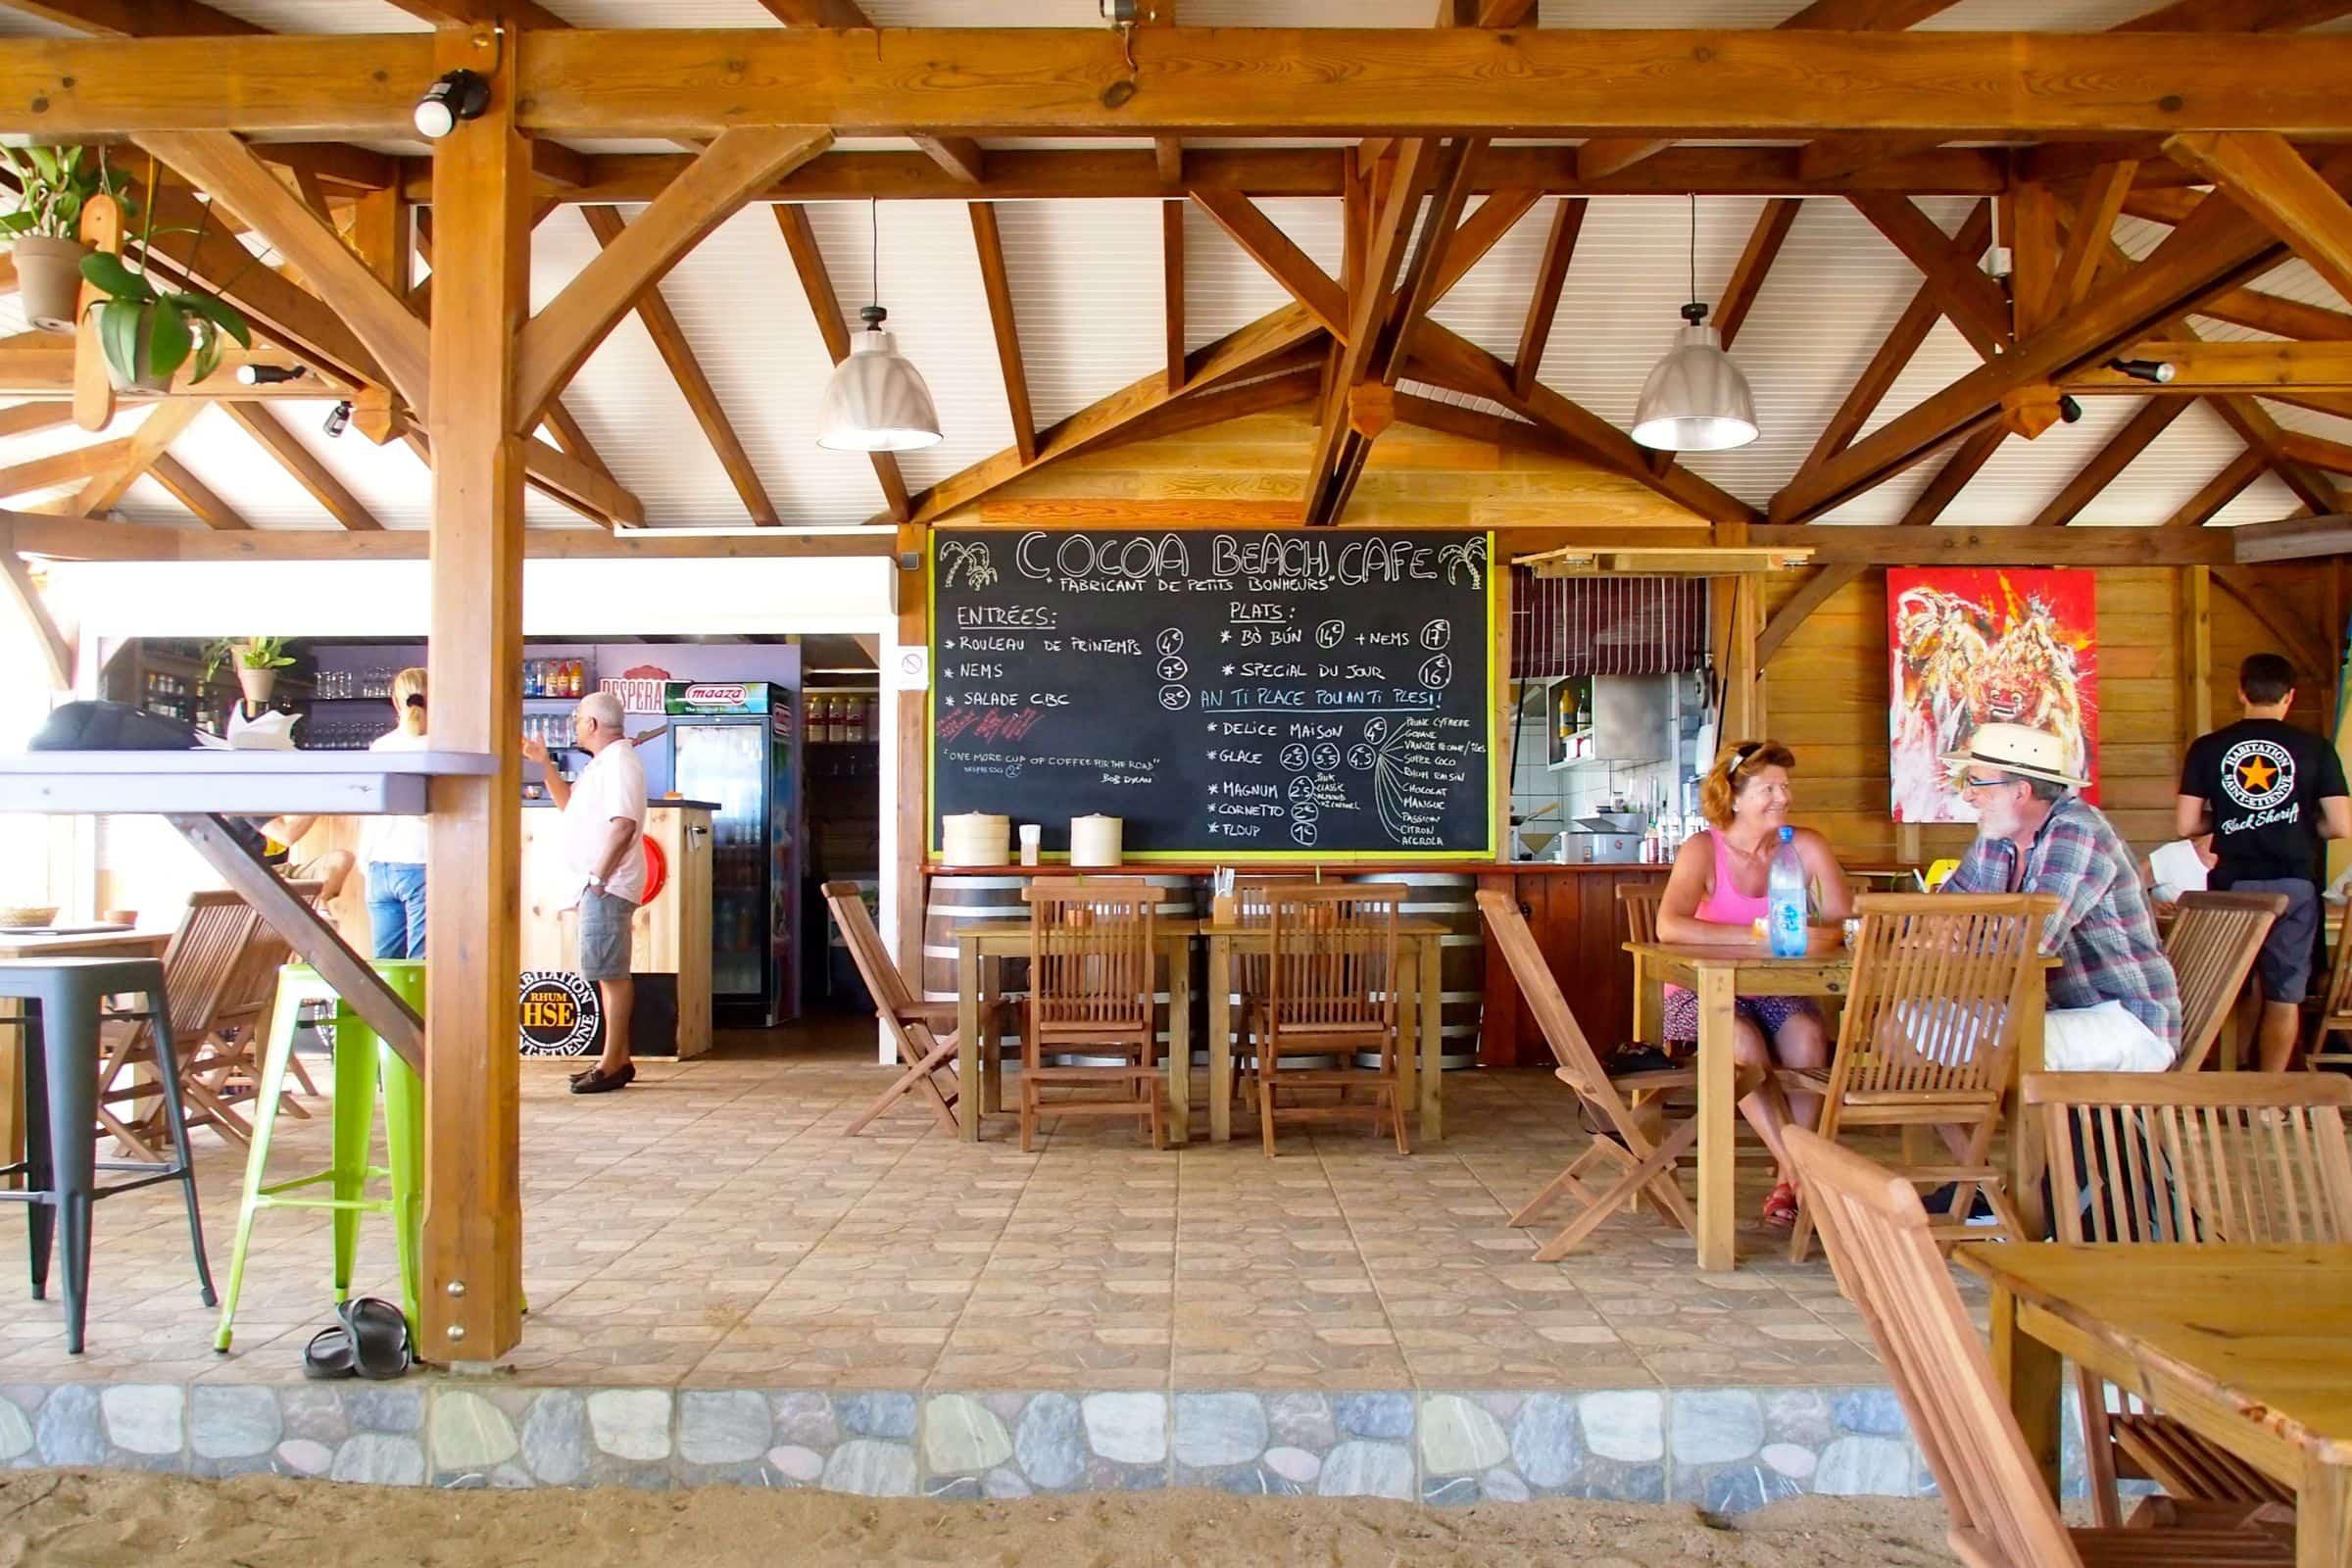 Cafe Antigua Menu